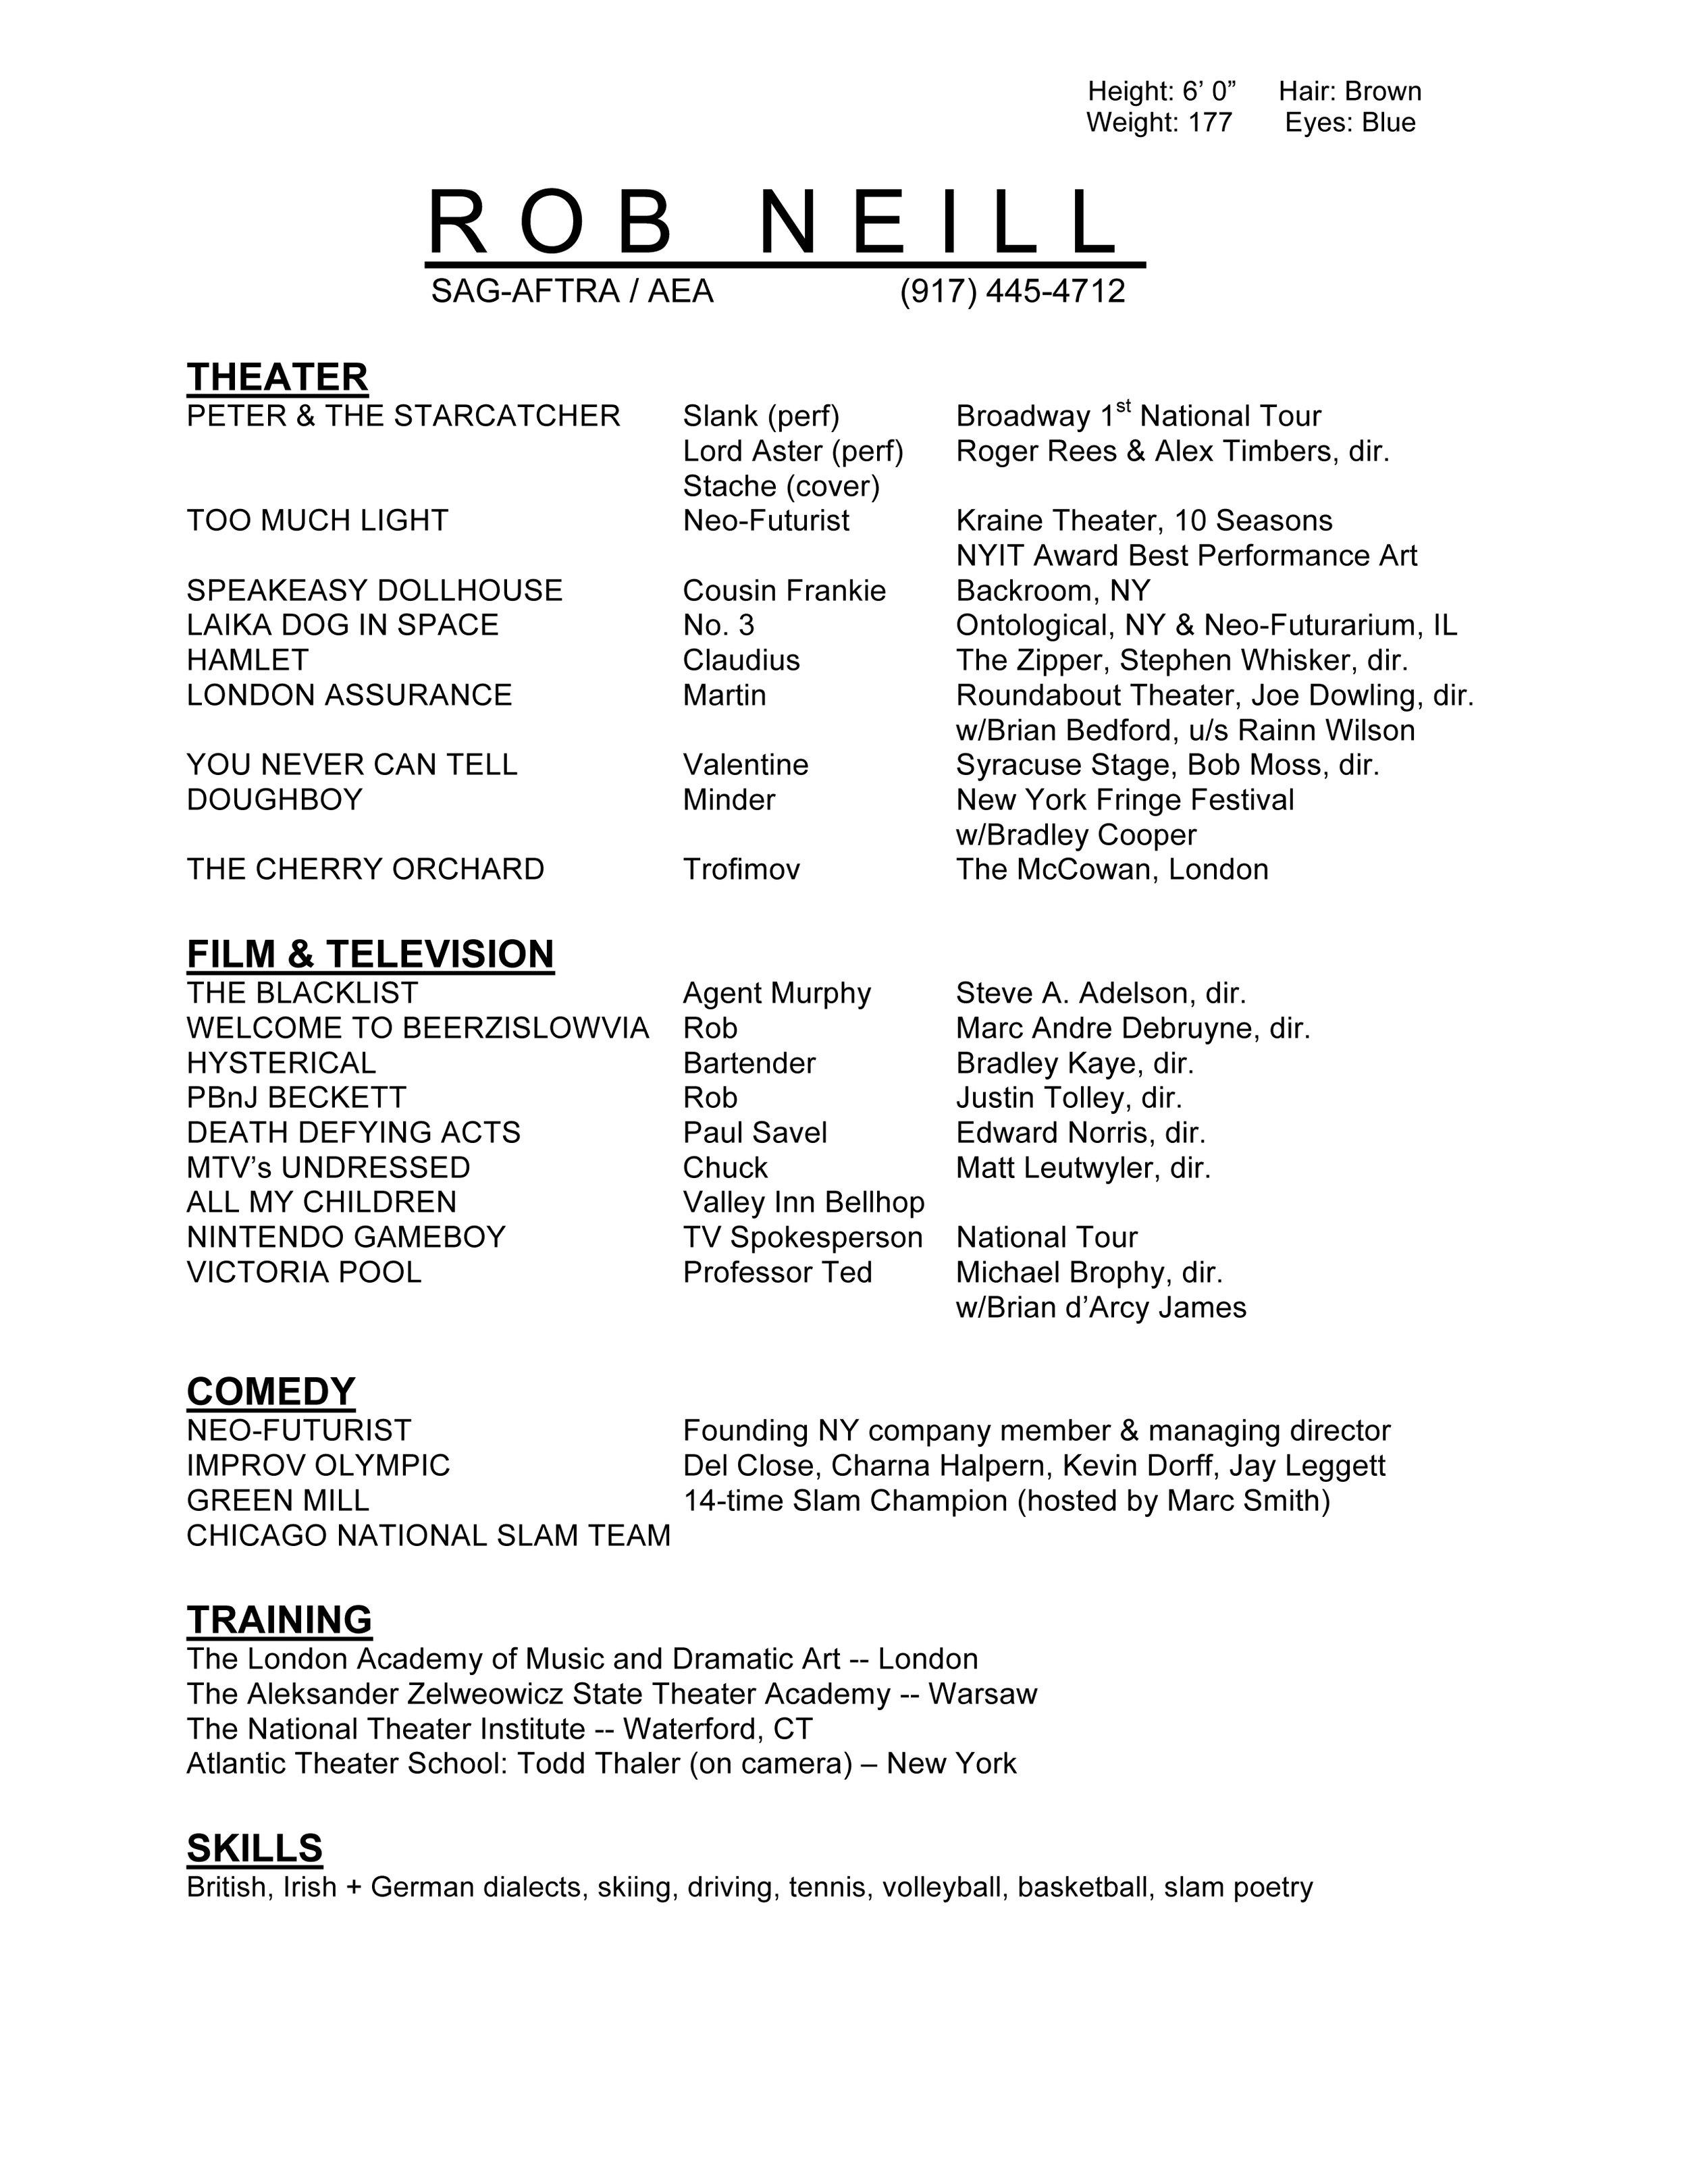 robneill-acting-resume2.jpg